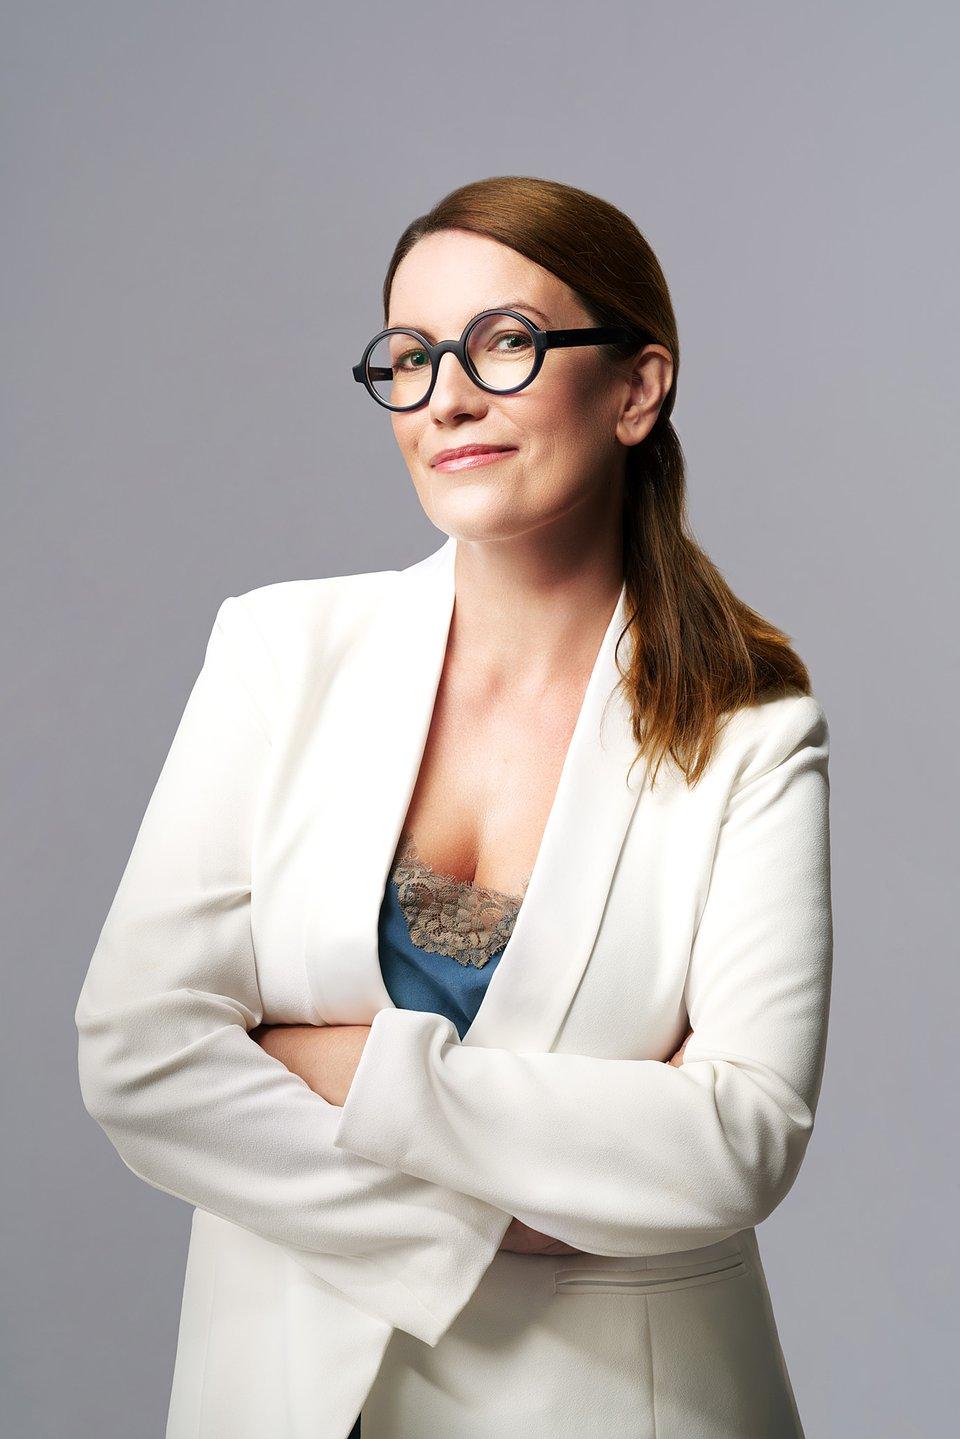 Agnieszka Prokopowicz